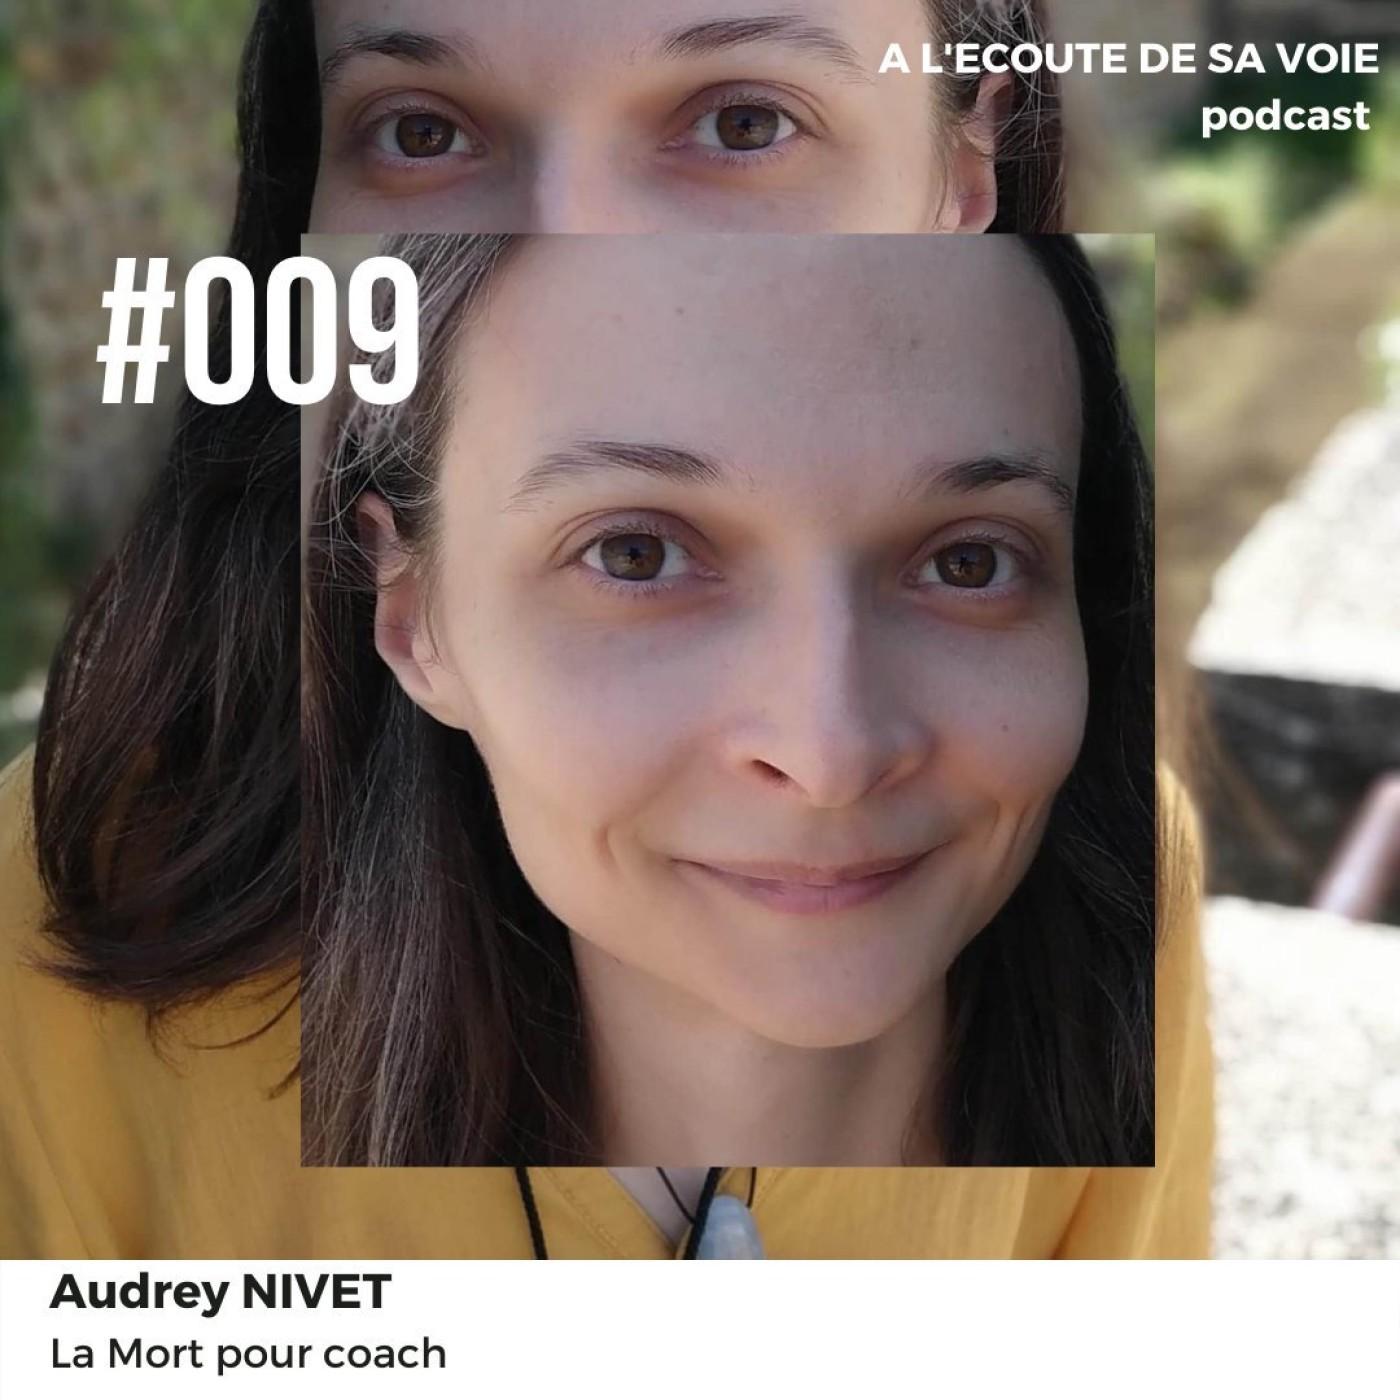 #009 Audrey Nivet - La Mort pour coach 1ère partie